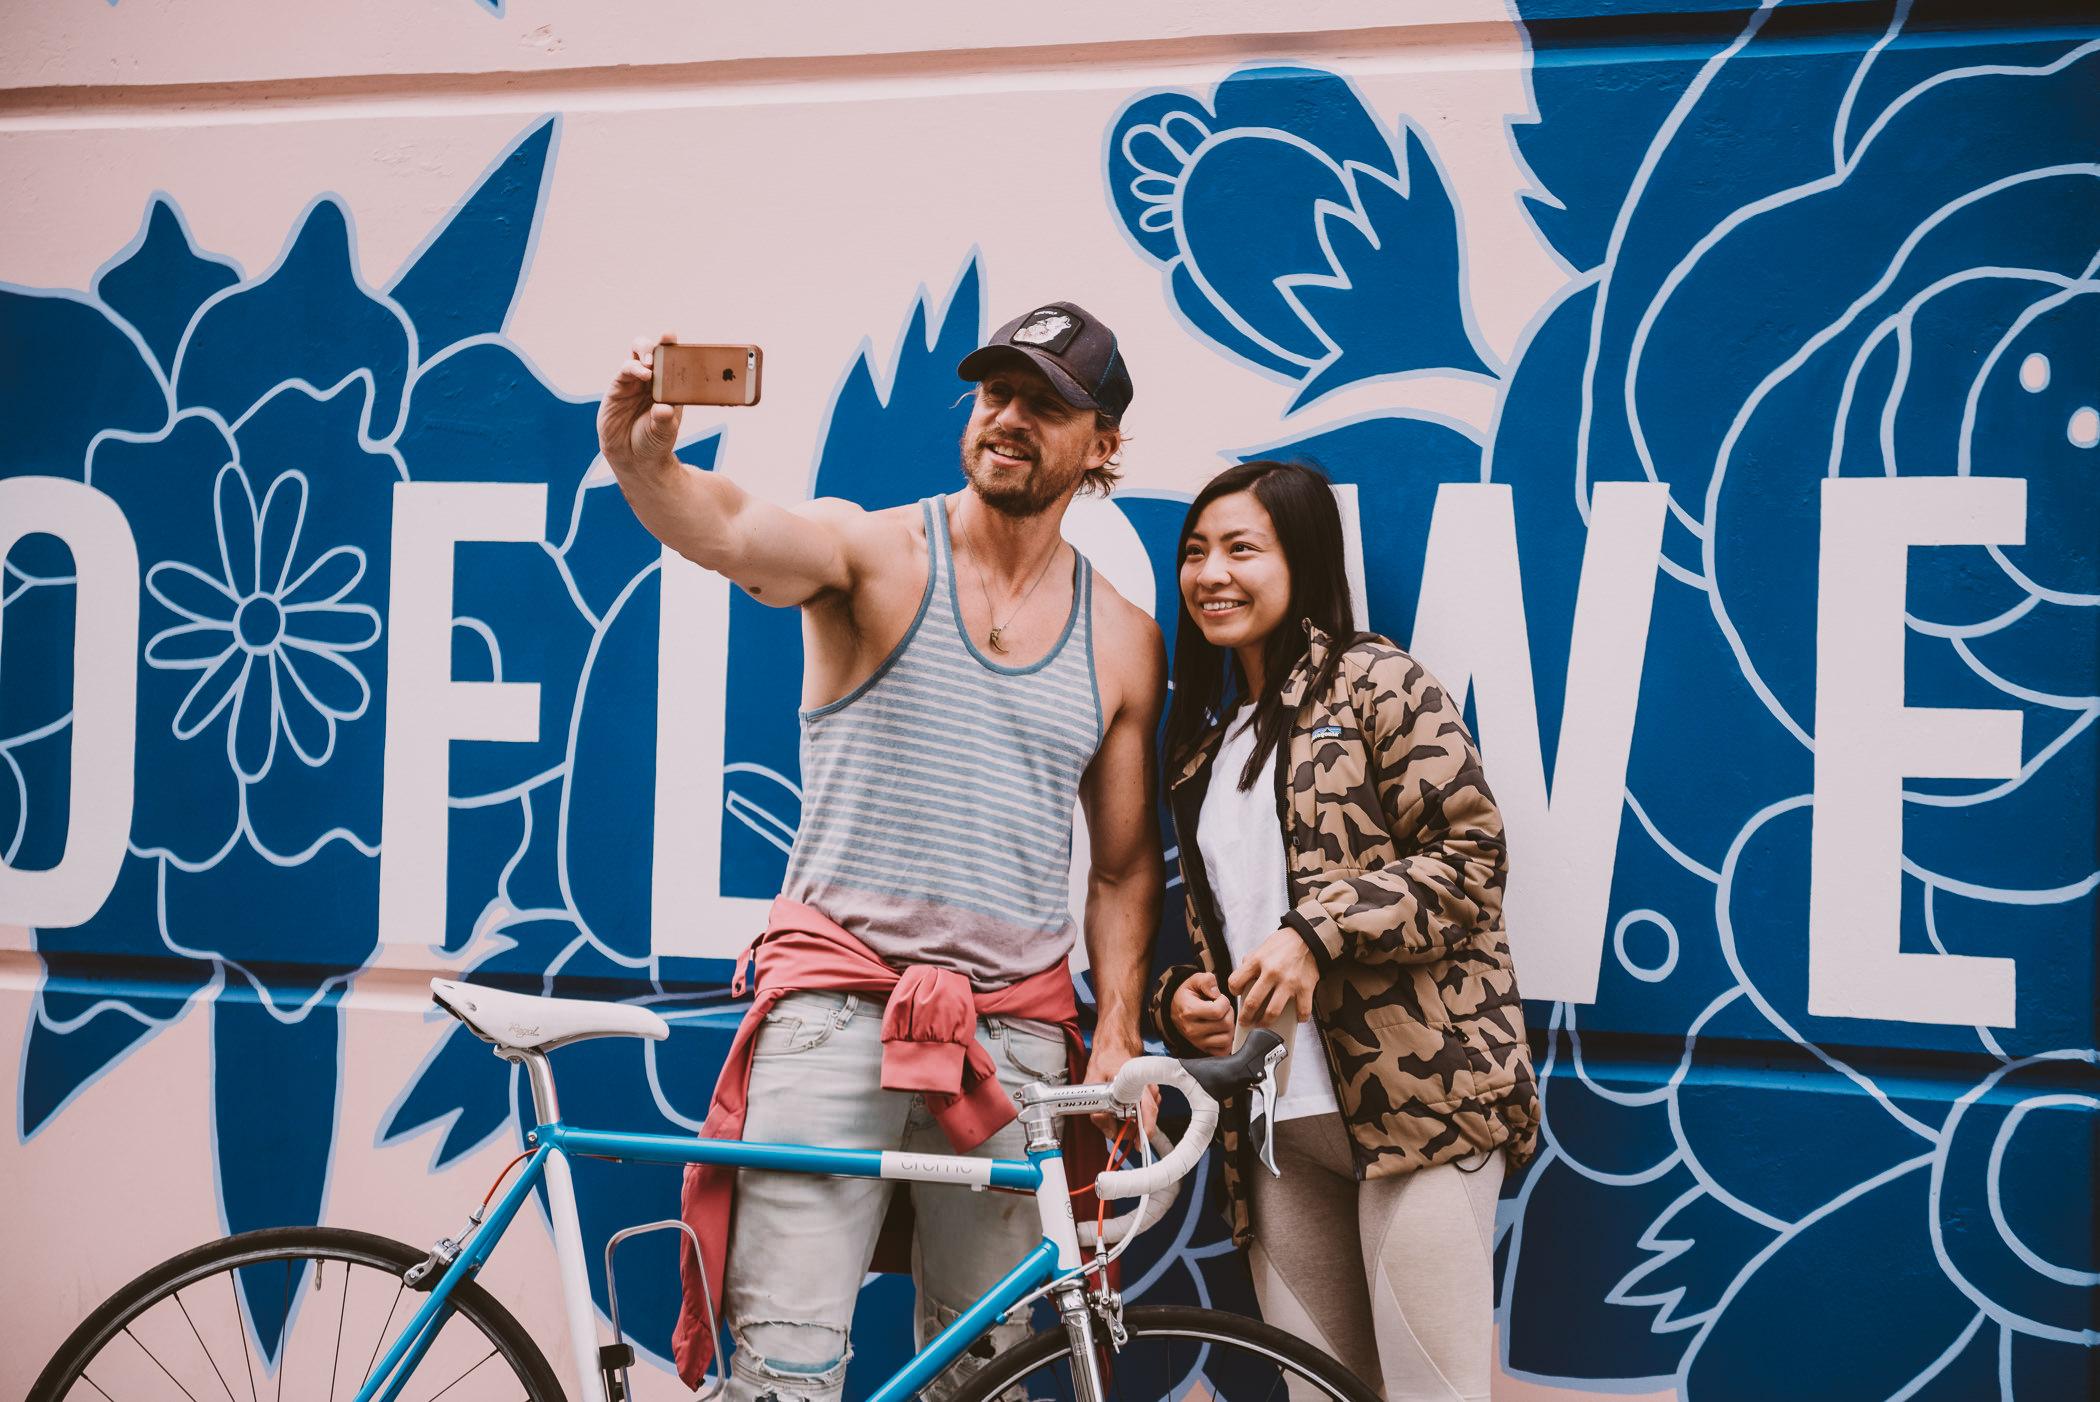 Vancouver_Mural_Fest-Do604-Timothy_Nguyen-20180811-52.jpg